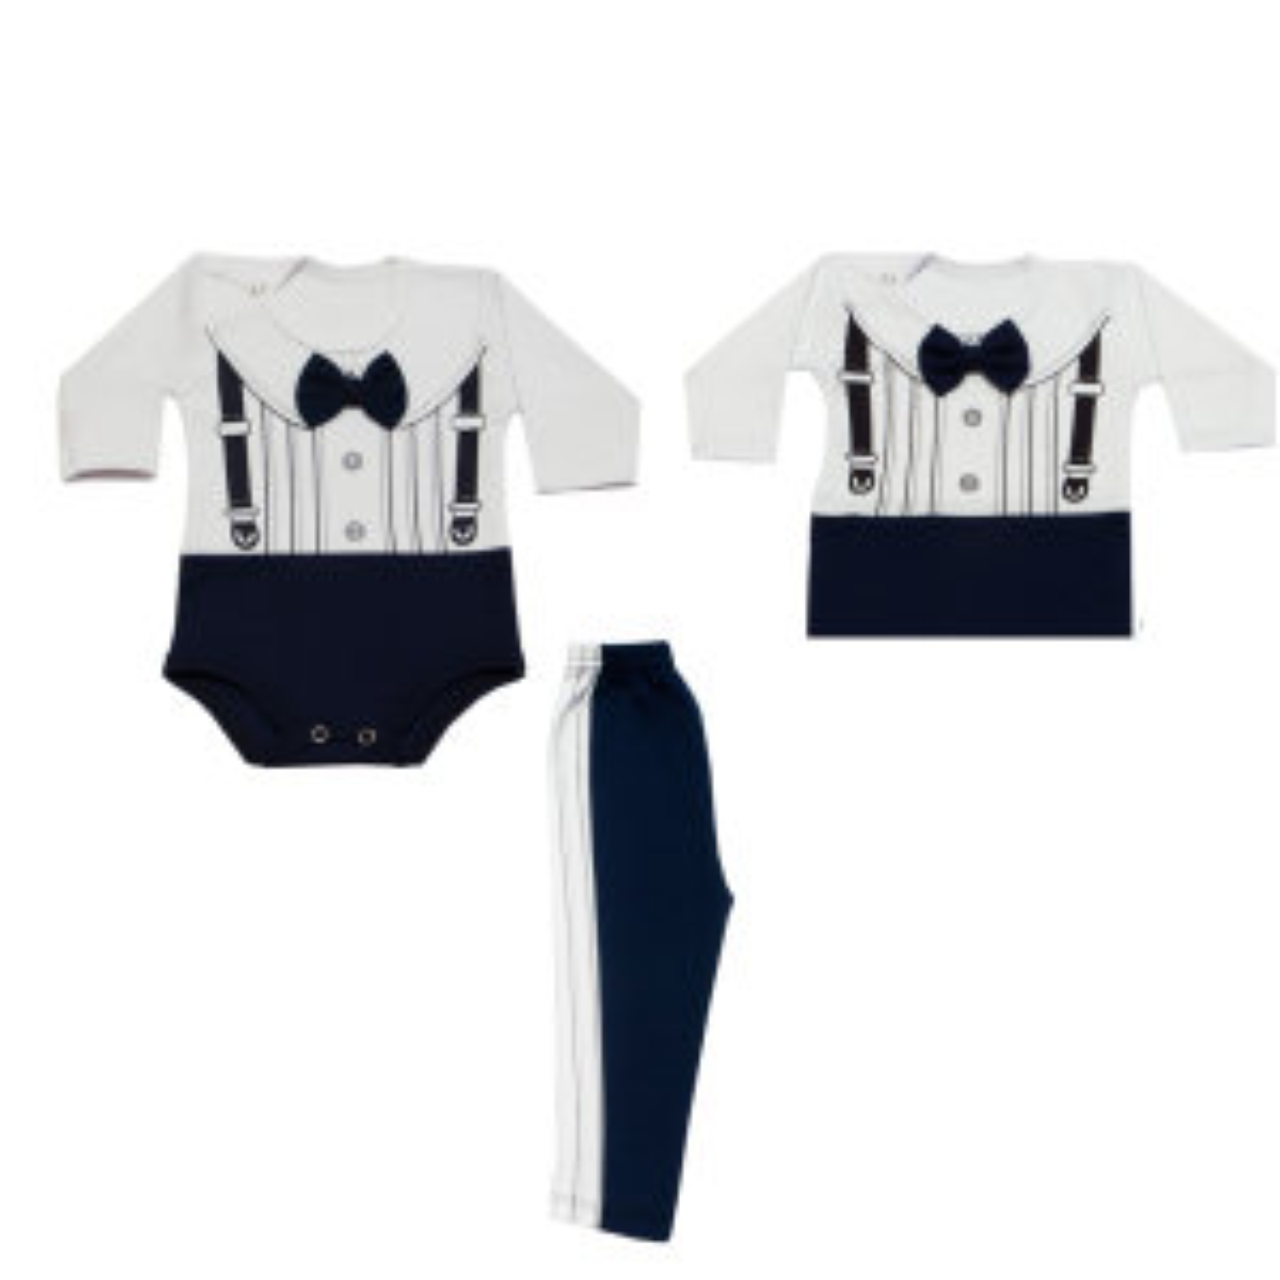 ست سه تکه لباس نوزادی مدل شیکا